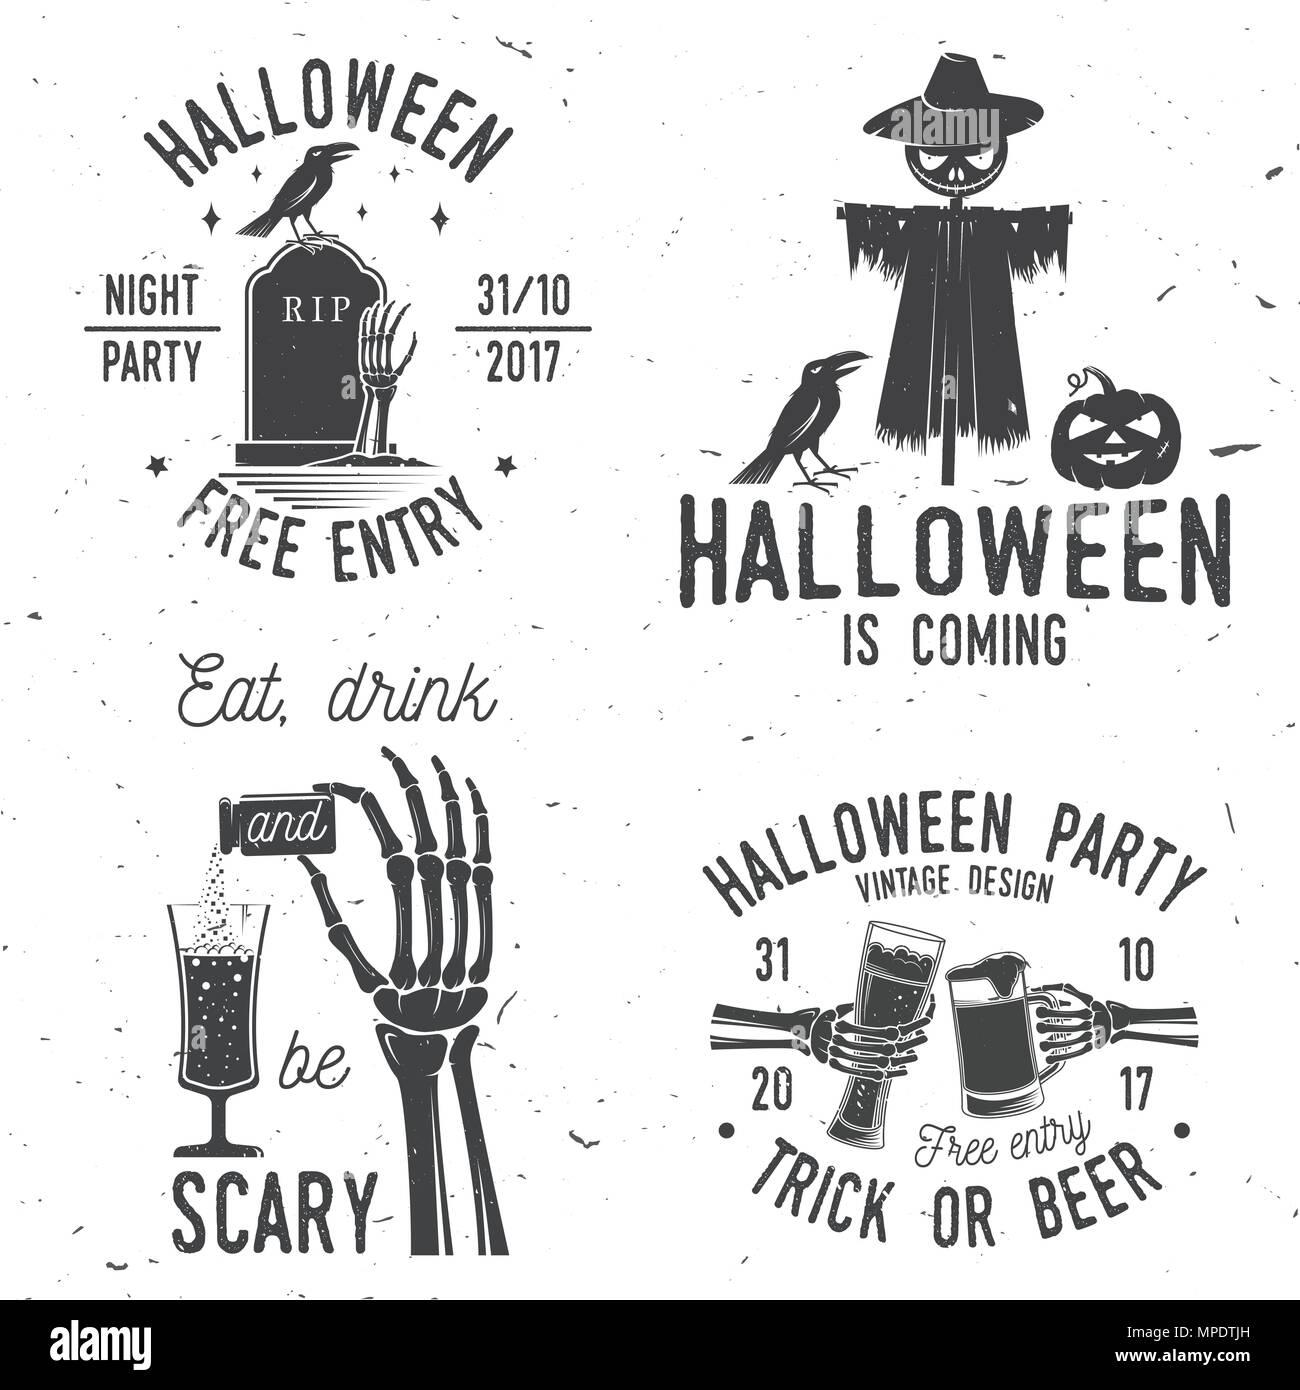 Comer, beber y ser aterrador. Juego de Halloween retro insignia ...